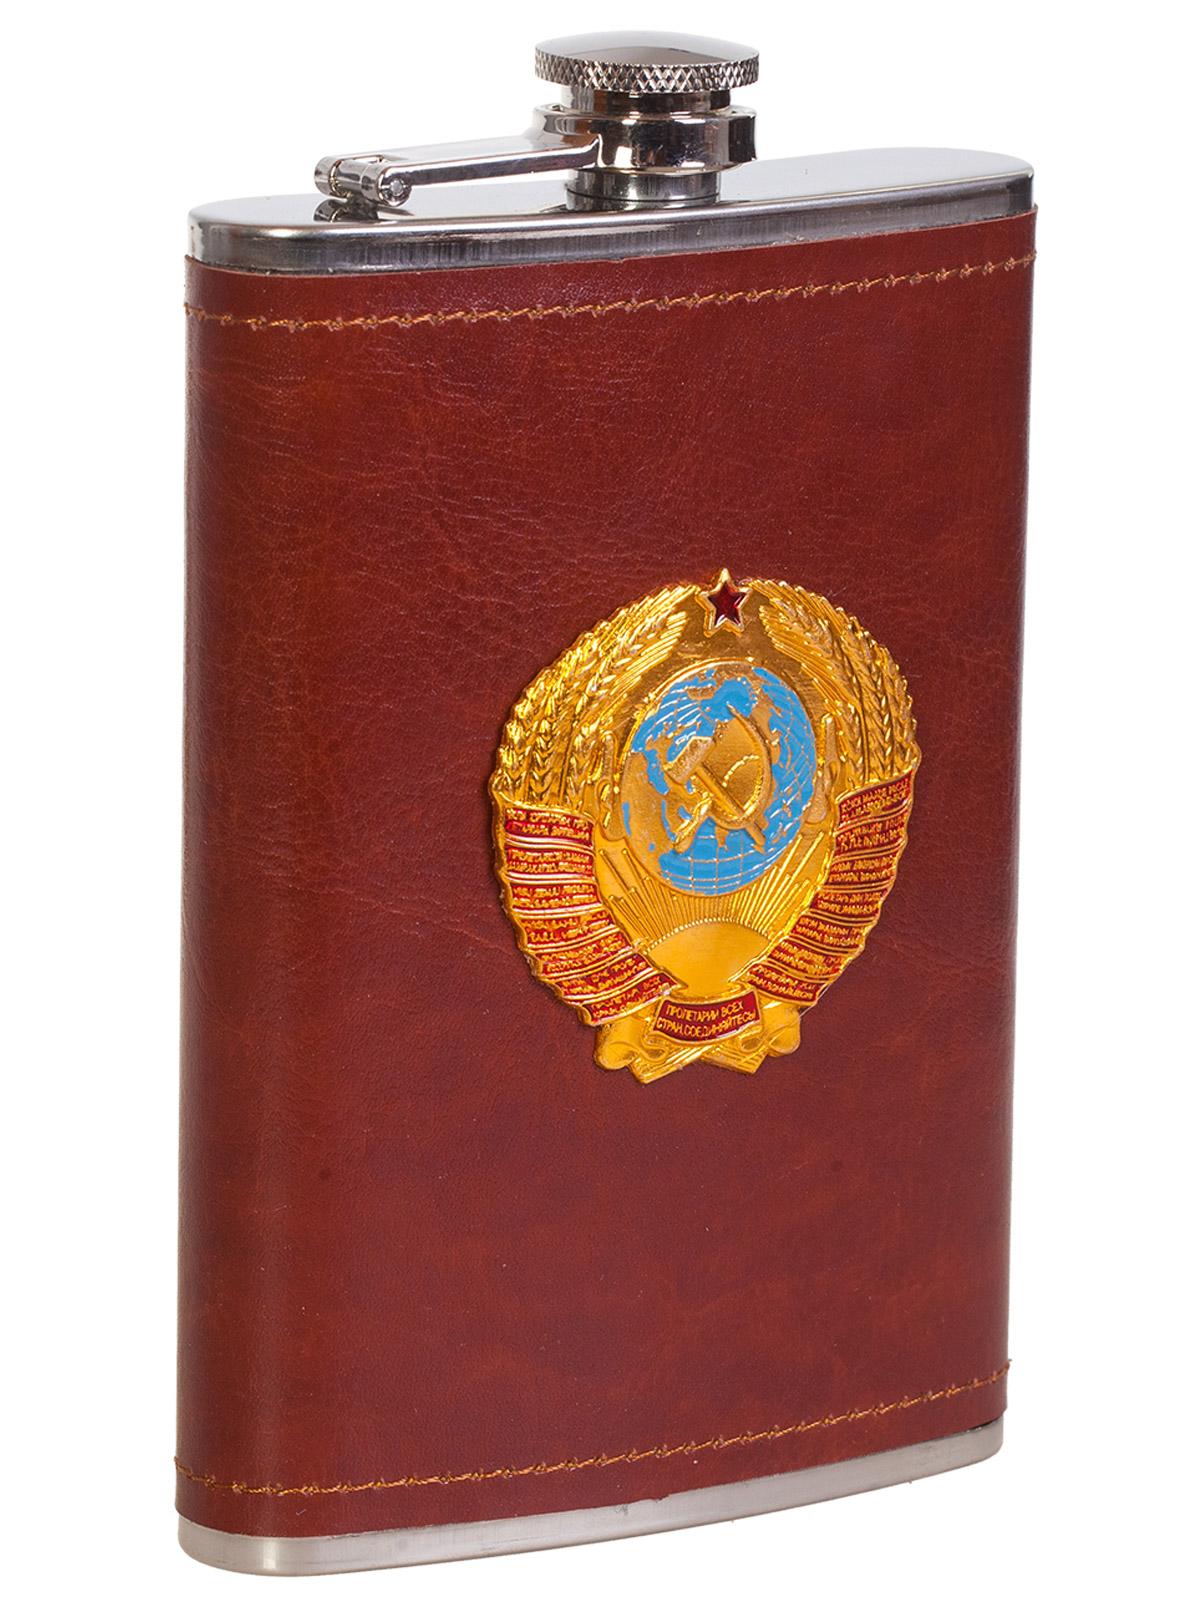 Купить крутая карманная фляжка с металлической накладкой Герб СССР оптом выгодно